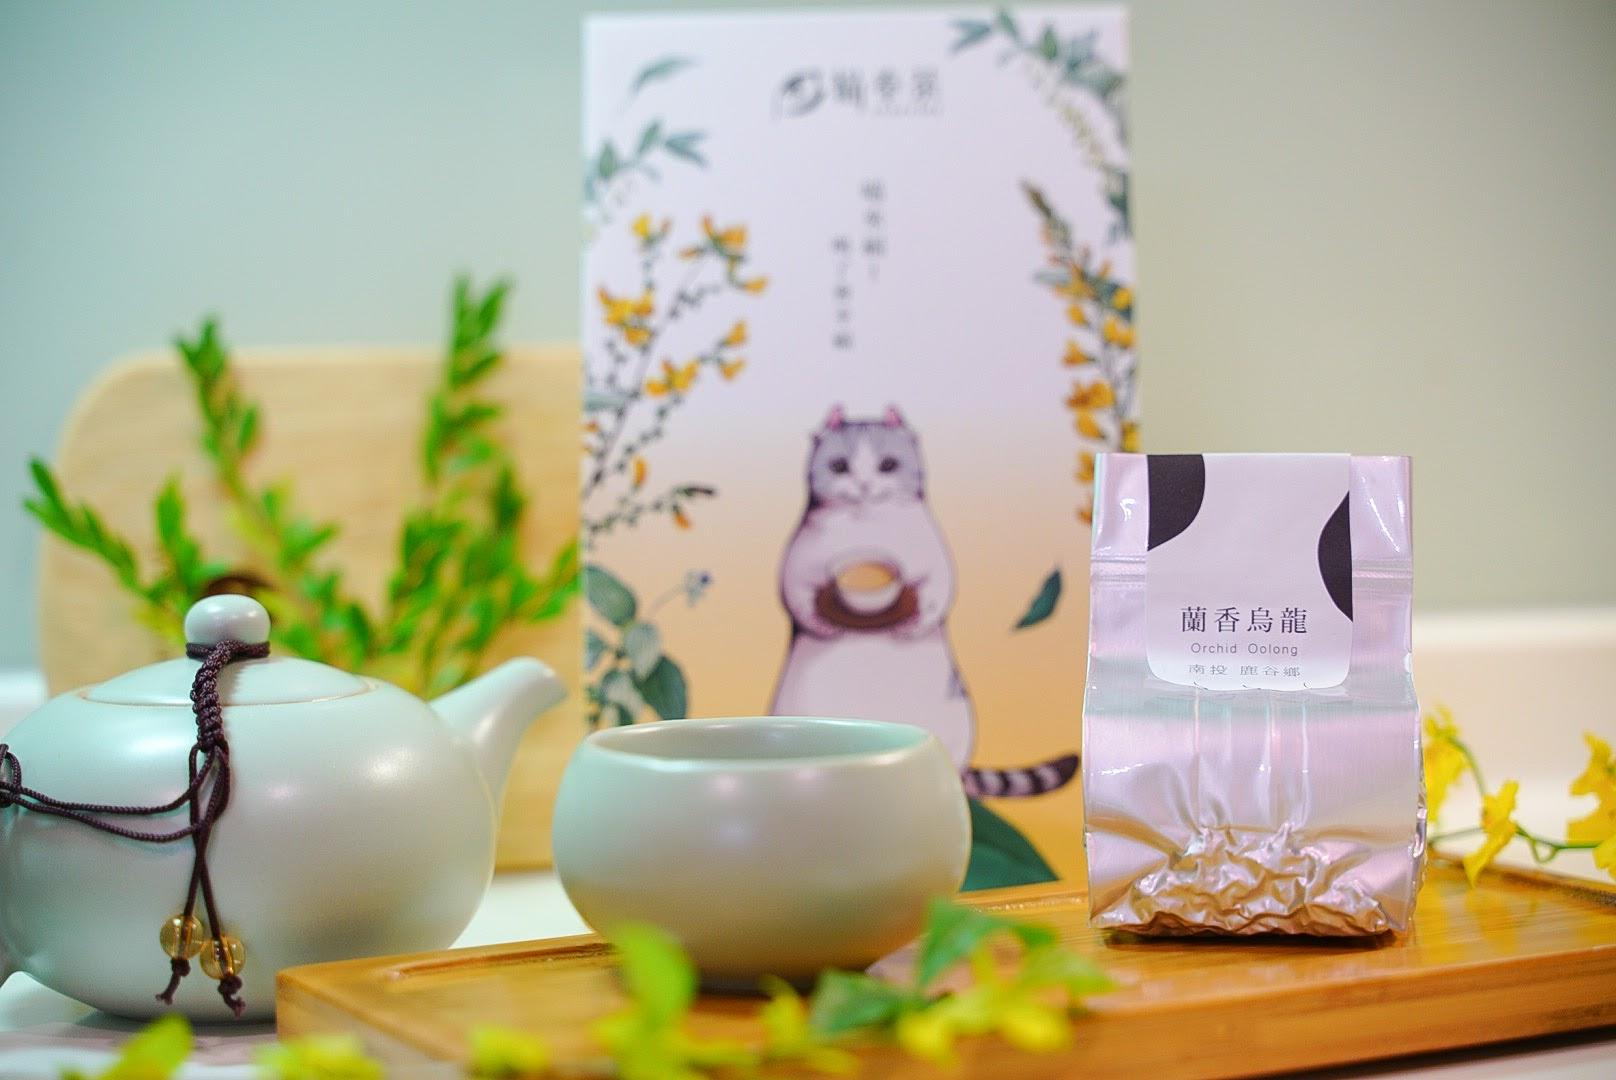 【美食】高山茶推薦 貓奉茶 「2021新年禮盒DIY茶包組」  Tea 你傳遞溫度的台灣好茶